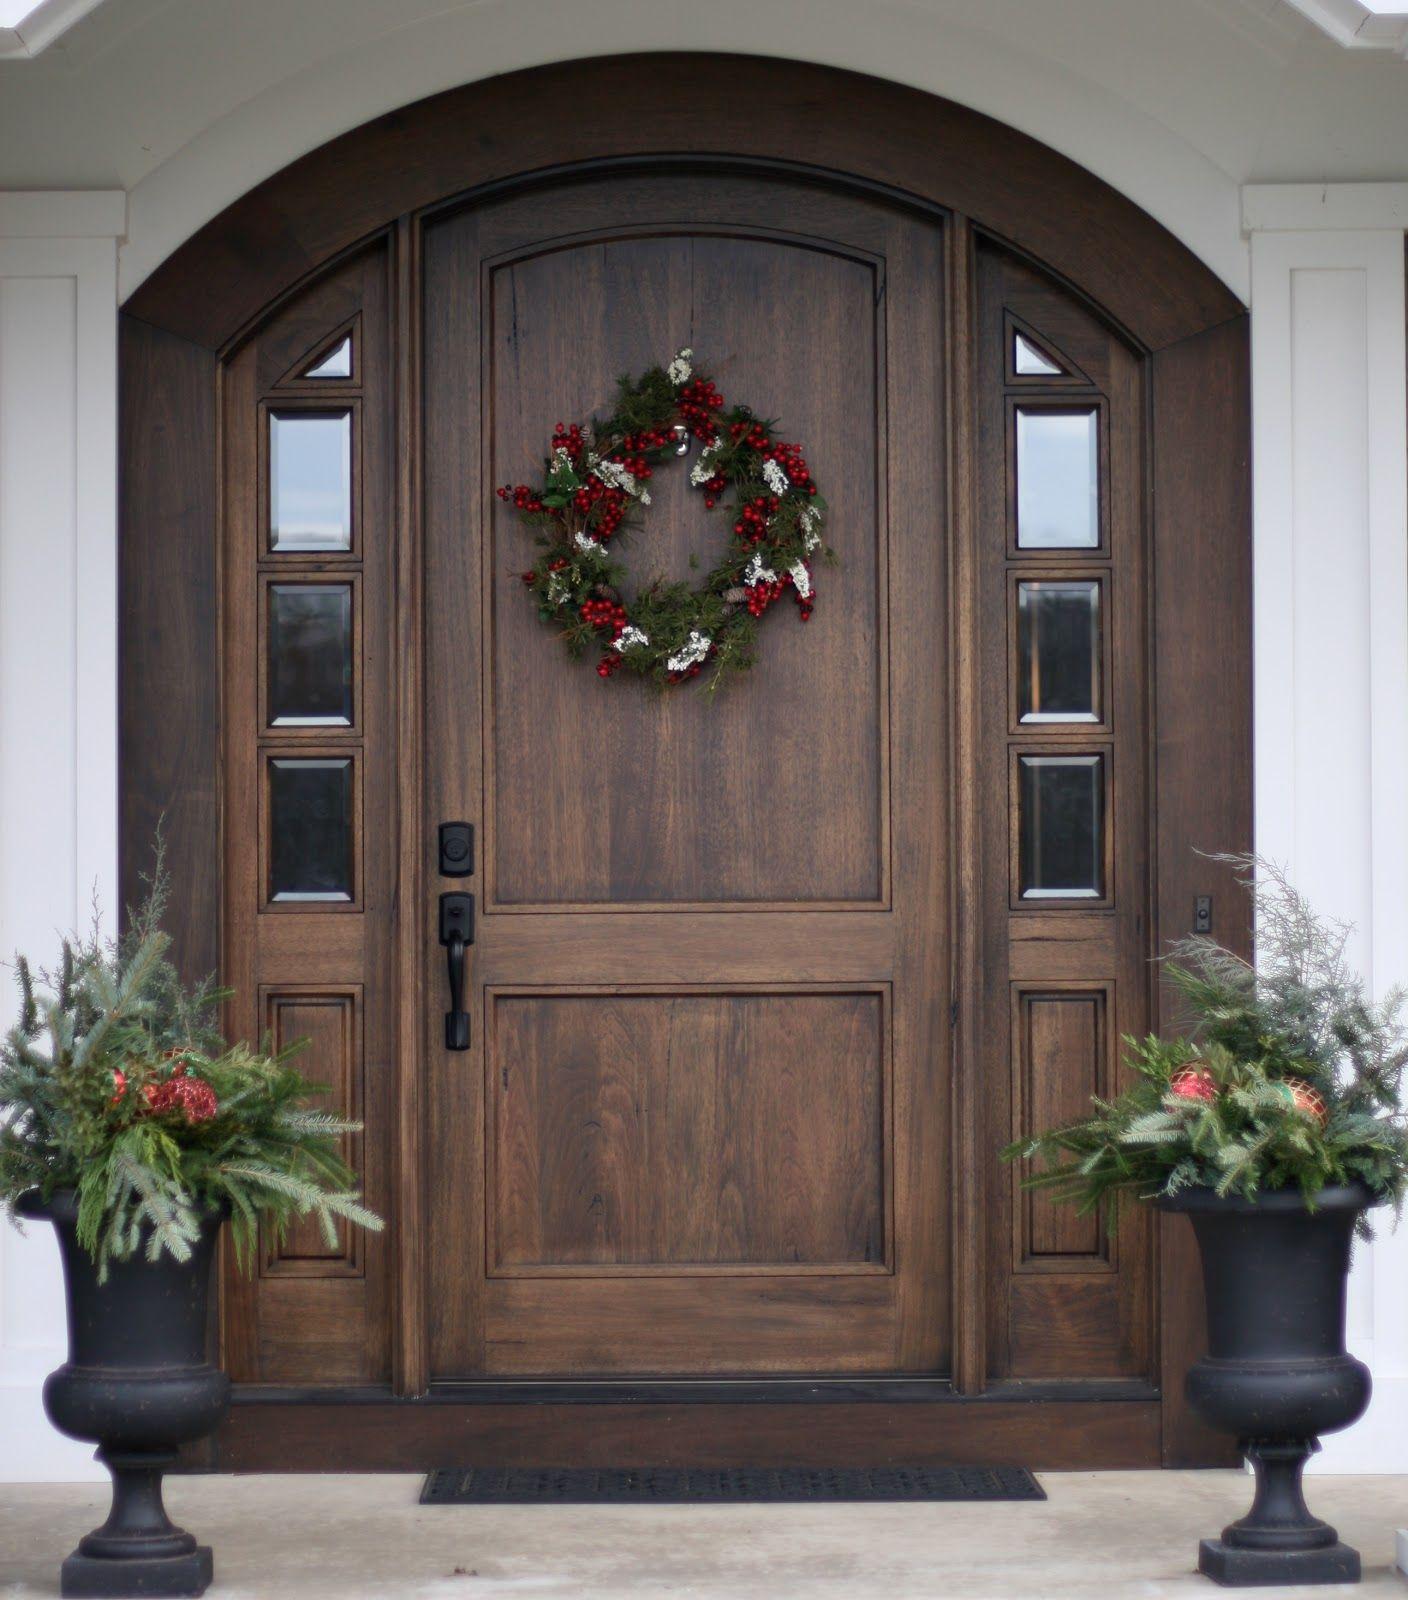 Fantastic Front Entry Entrance Decor Front Door Design